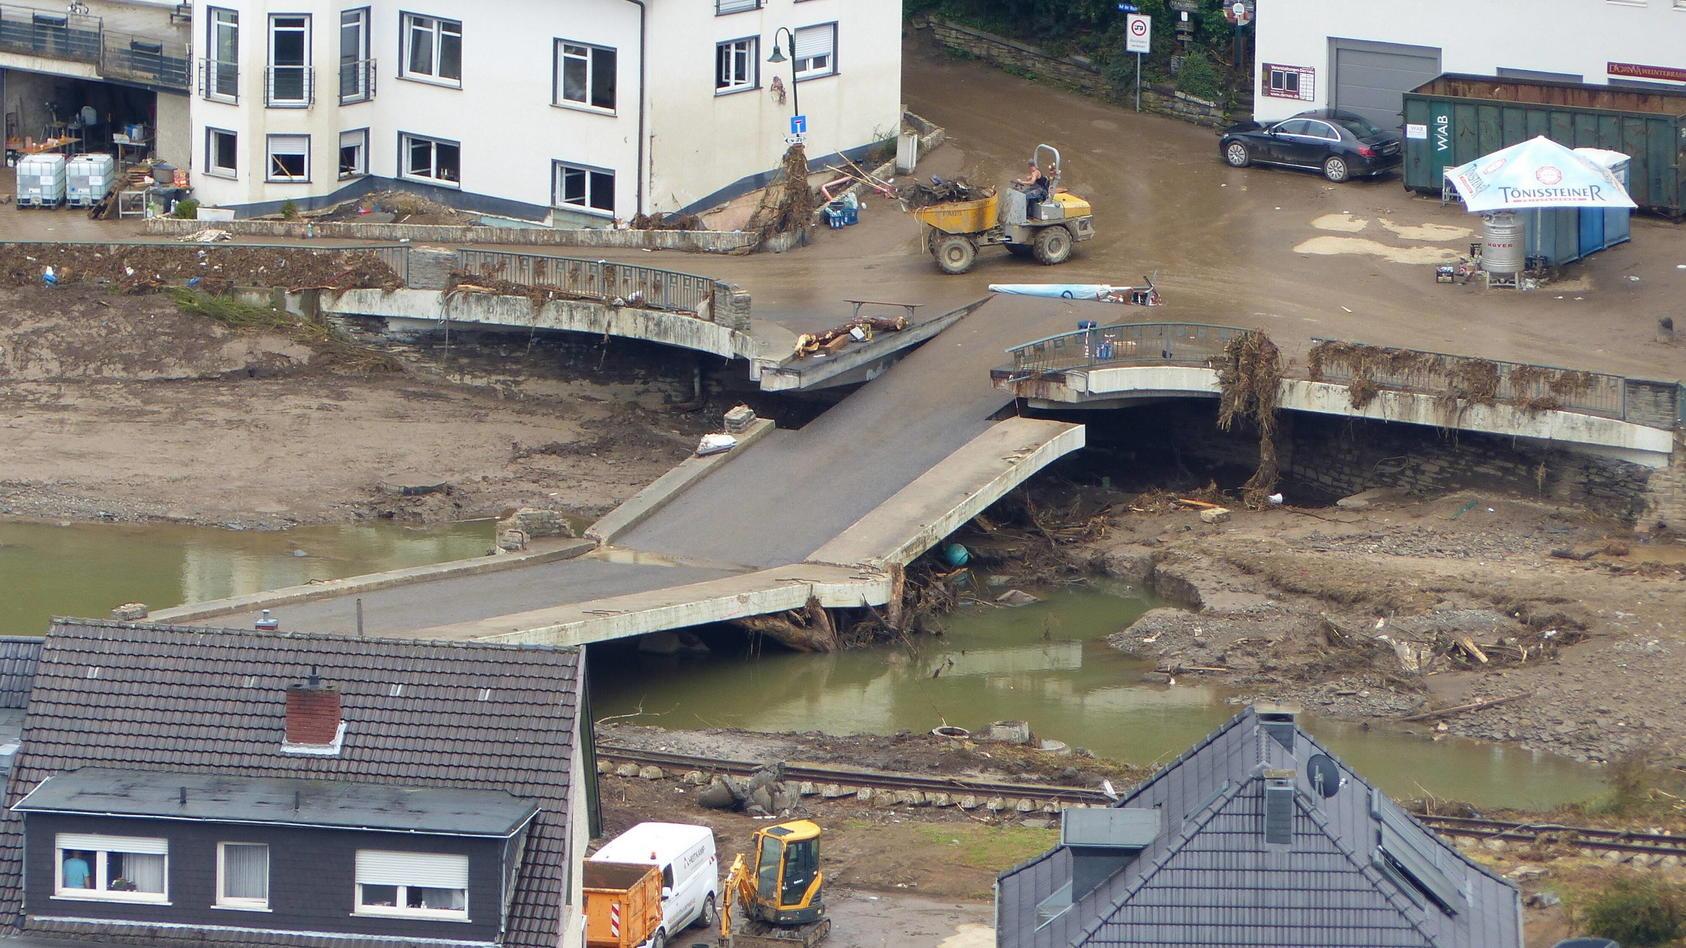 Dernau/Eifel: Die Flutkatastrophe hat hier und in allen anderen Hochwassergebieten immense Schäden verursacht.